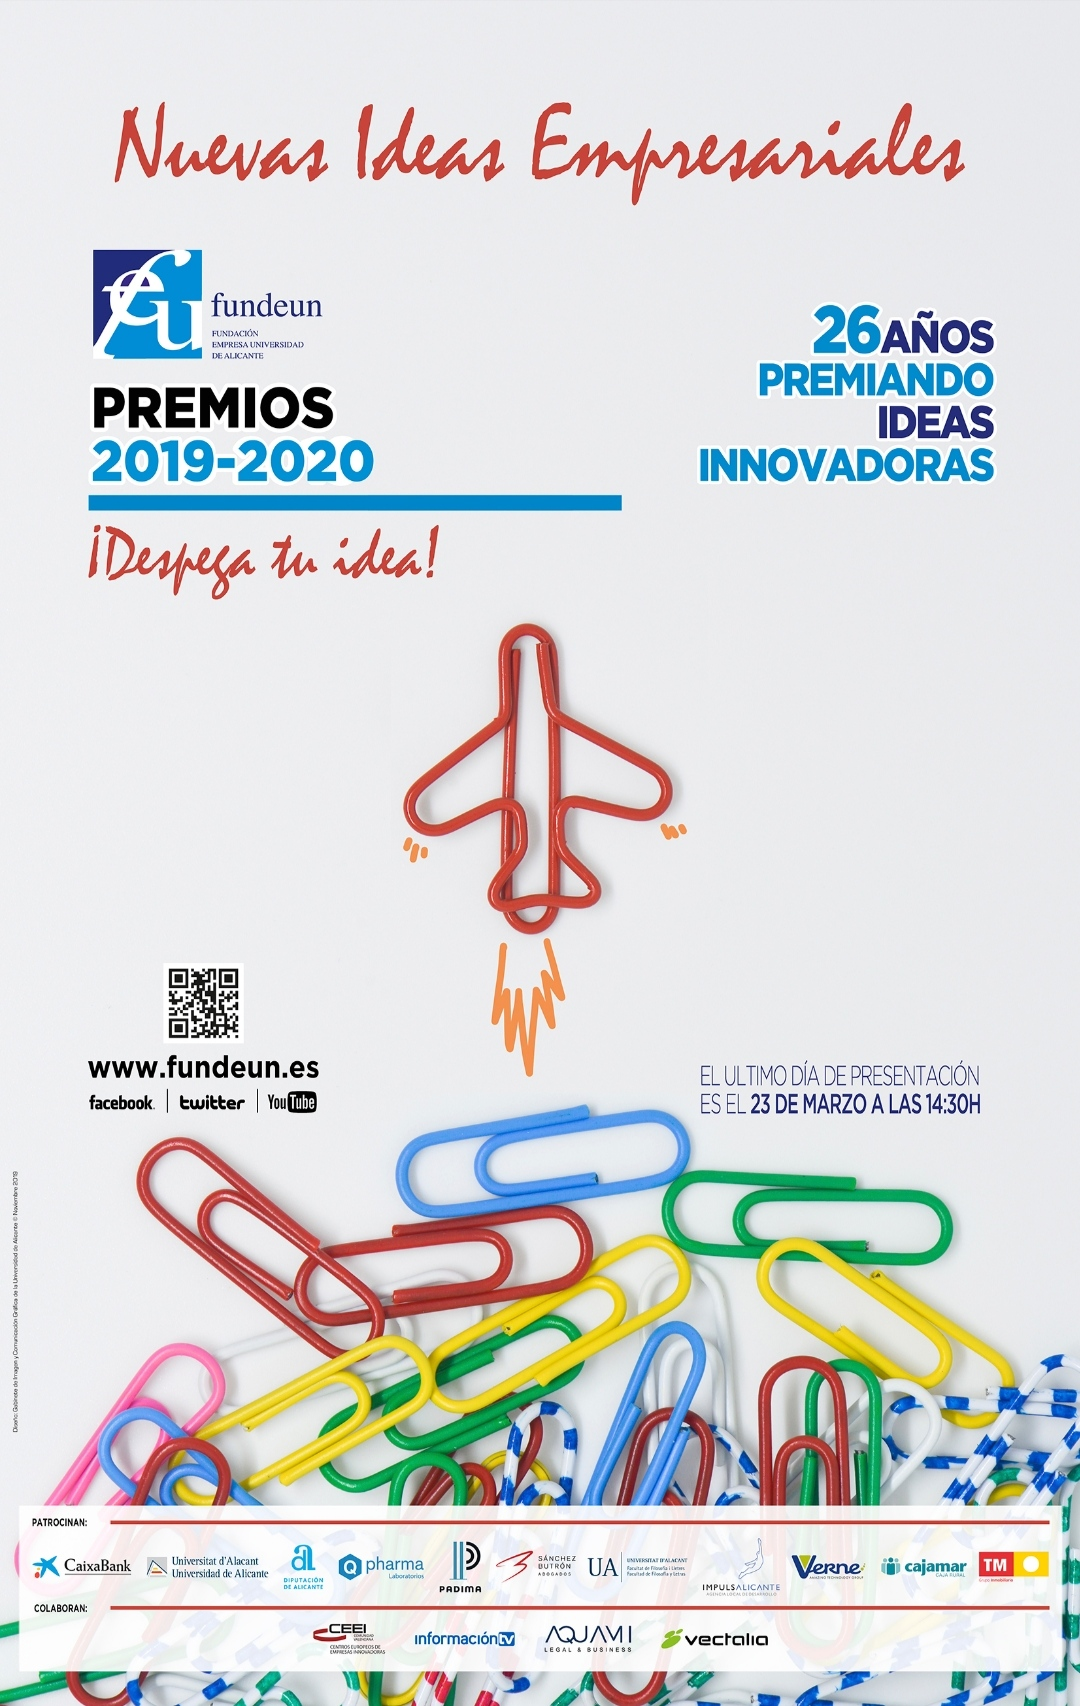 cartel premios XXVI Edición nuevas ideas empresariales FUNDEUN